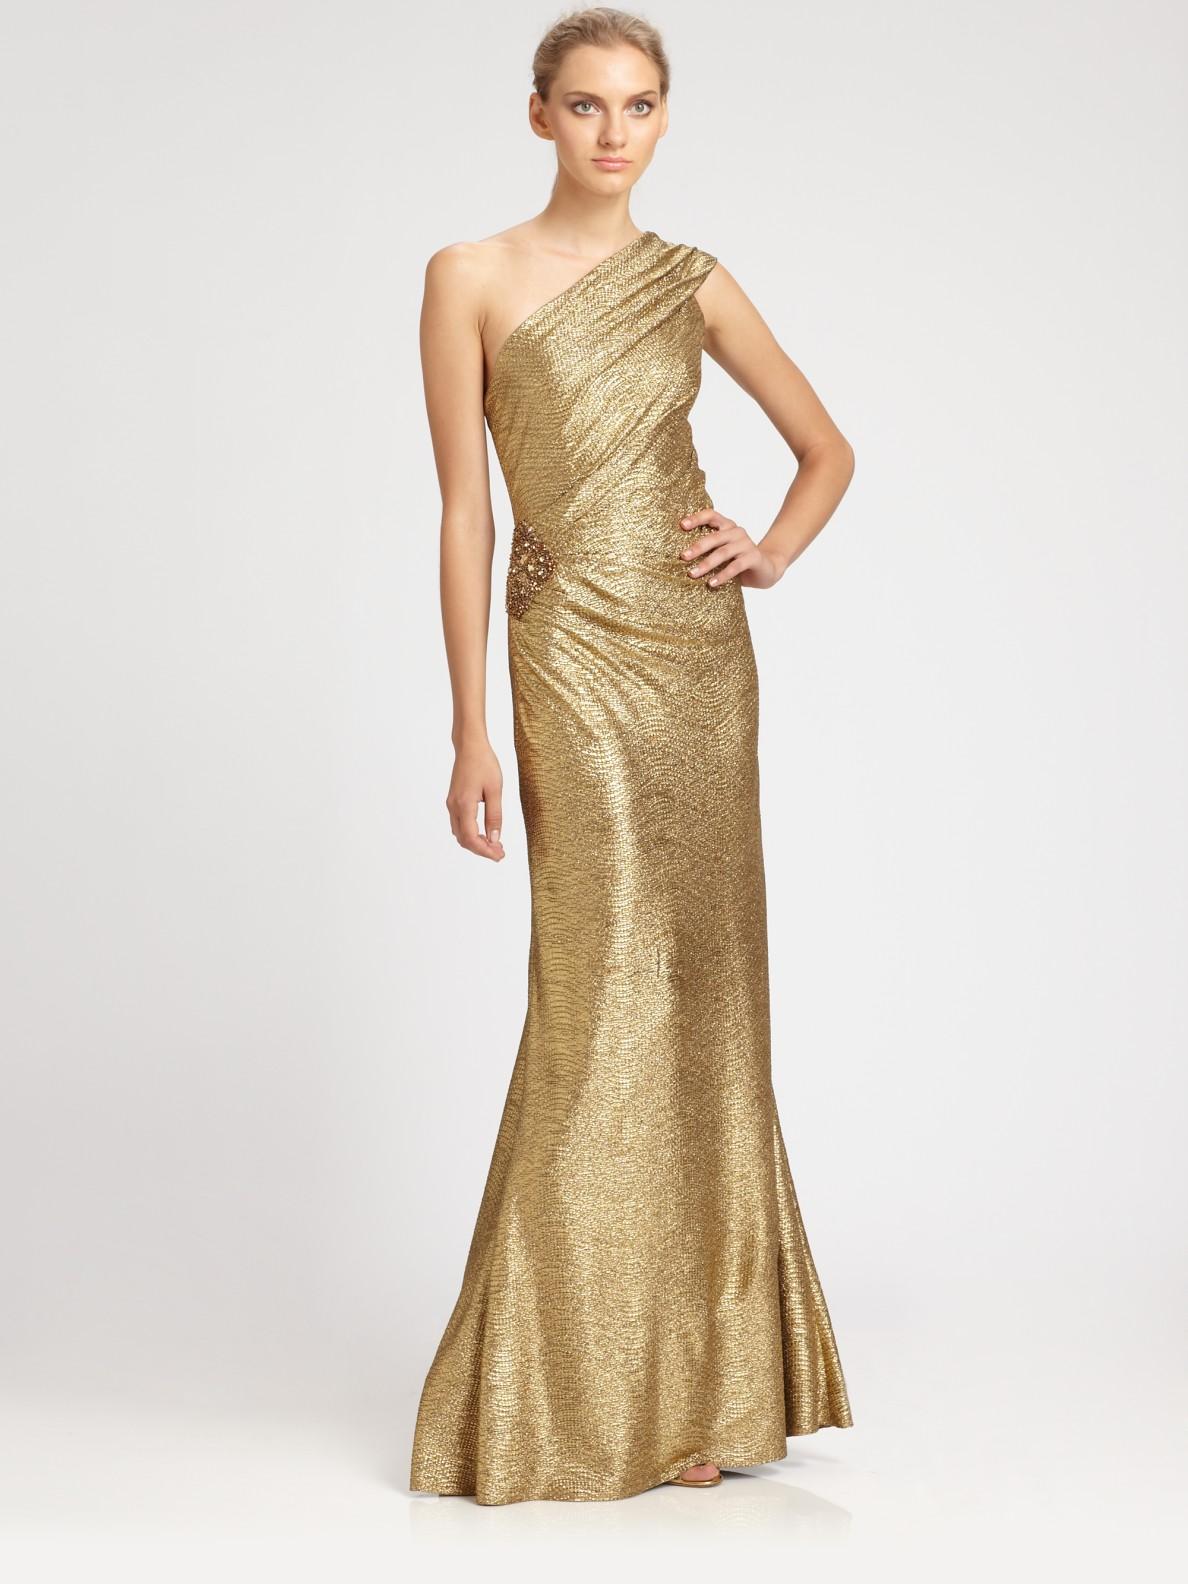 Lyst - David Meister Oneshoulder Metallic Gown in Metallic